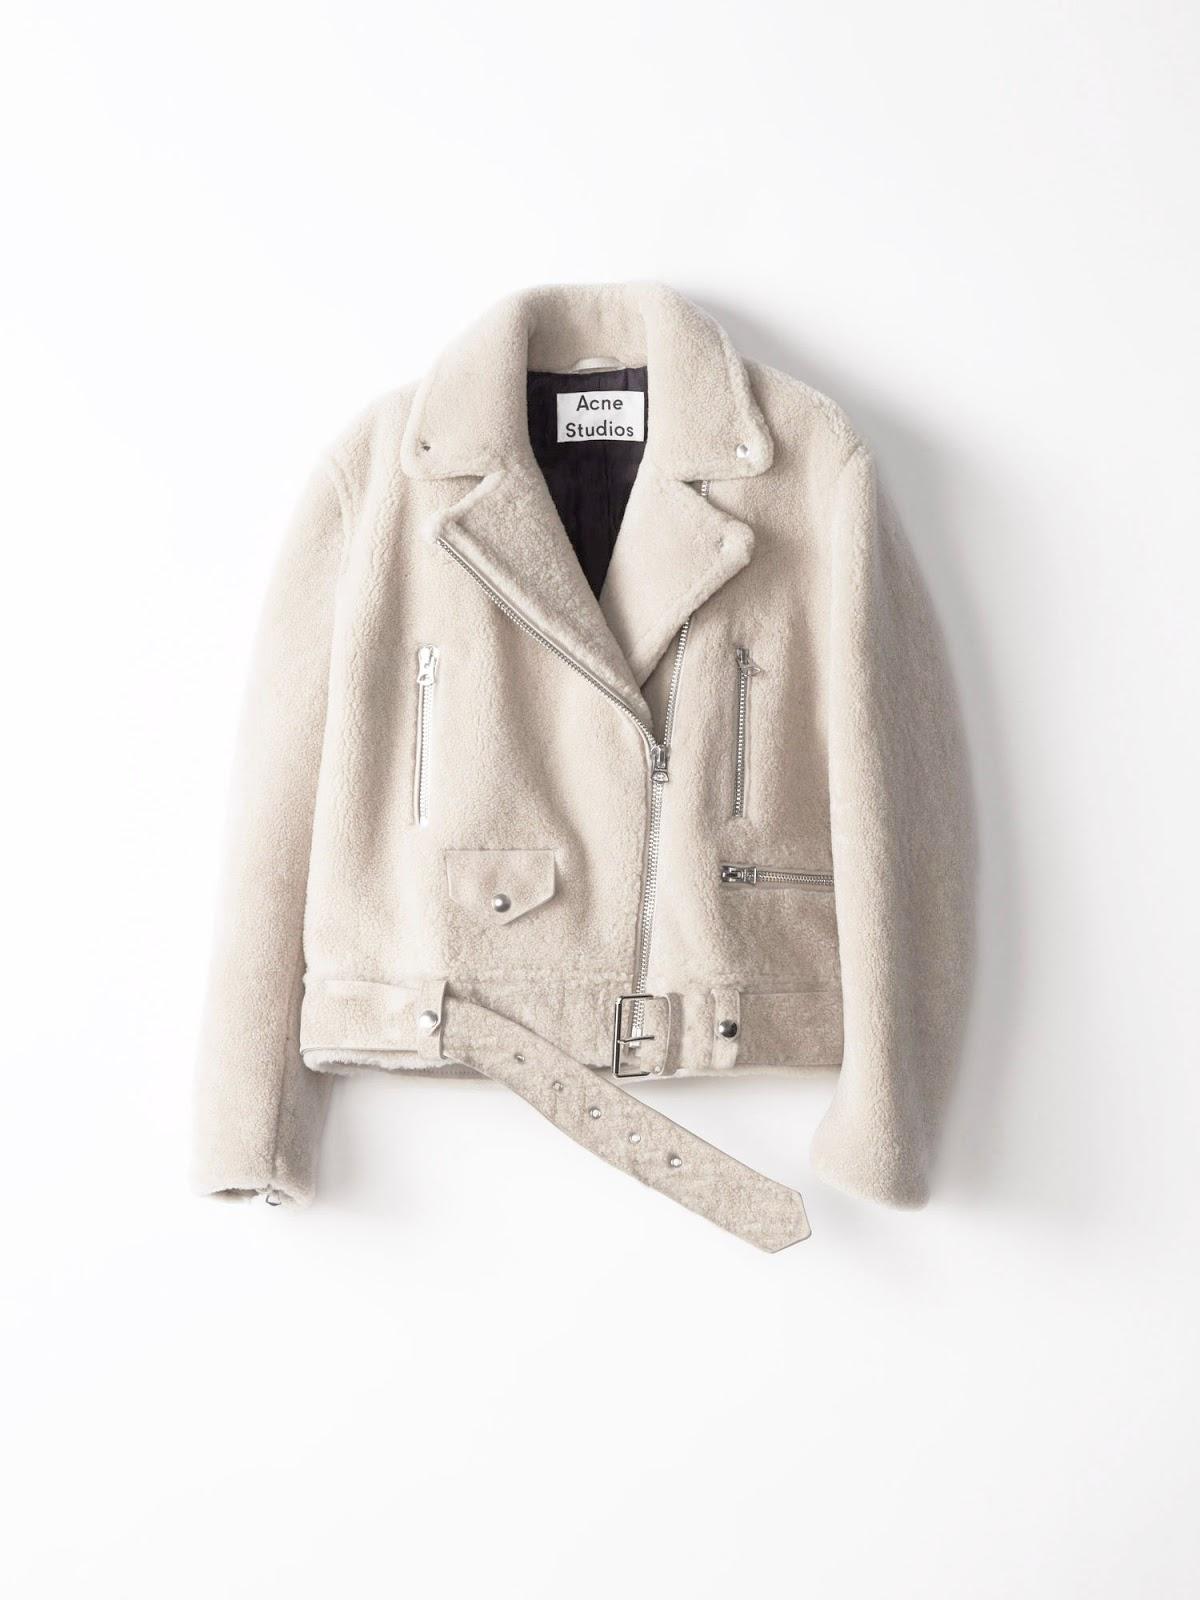 Sublime veste manteau en mouton retournée blanc ACNE STUDIOS - Gorgeous  MERLYN Velocite white shearling jacket by ACNE STUDIOS ee39b6734f9